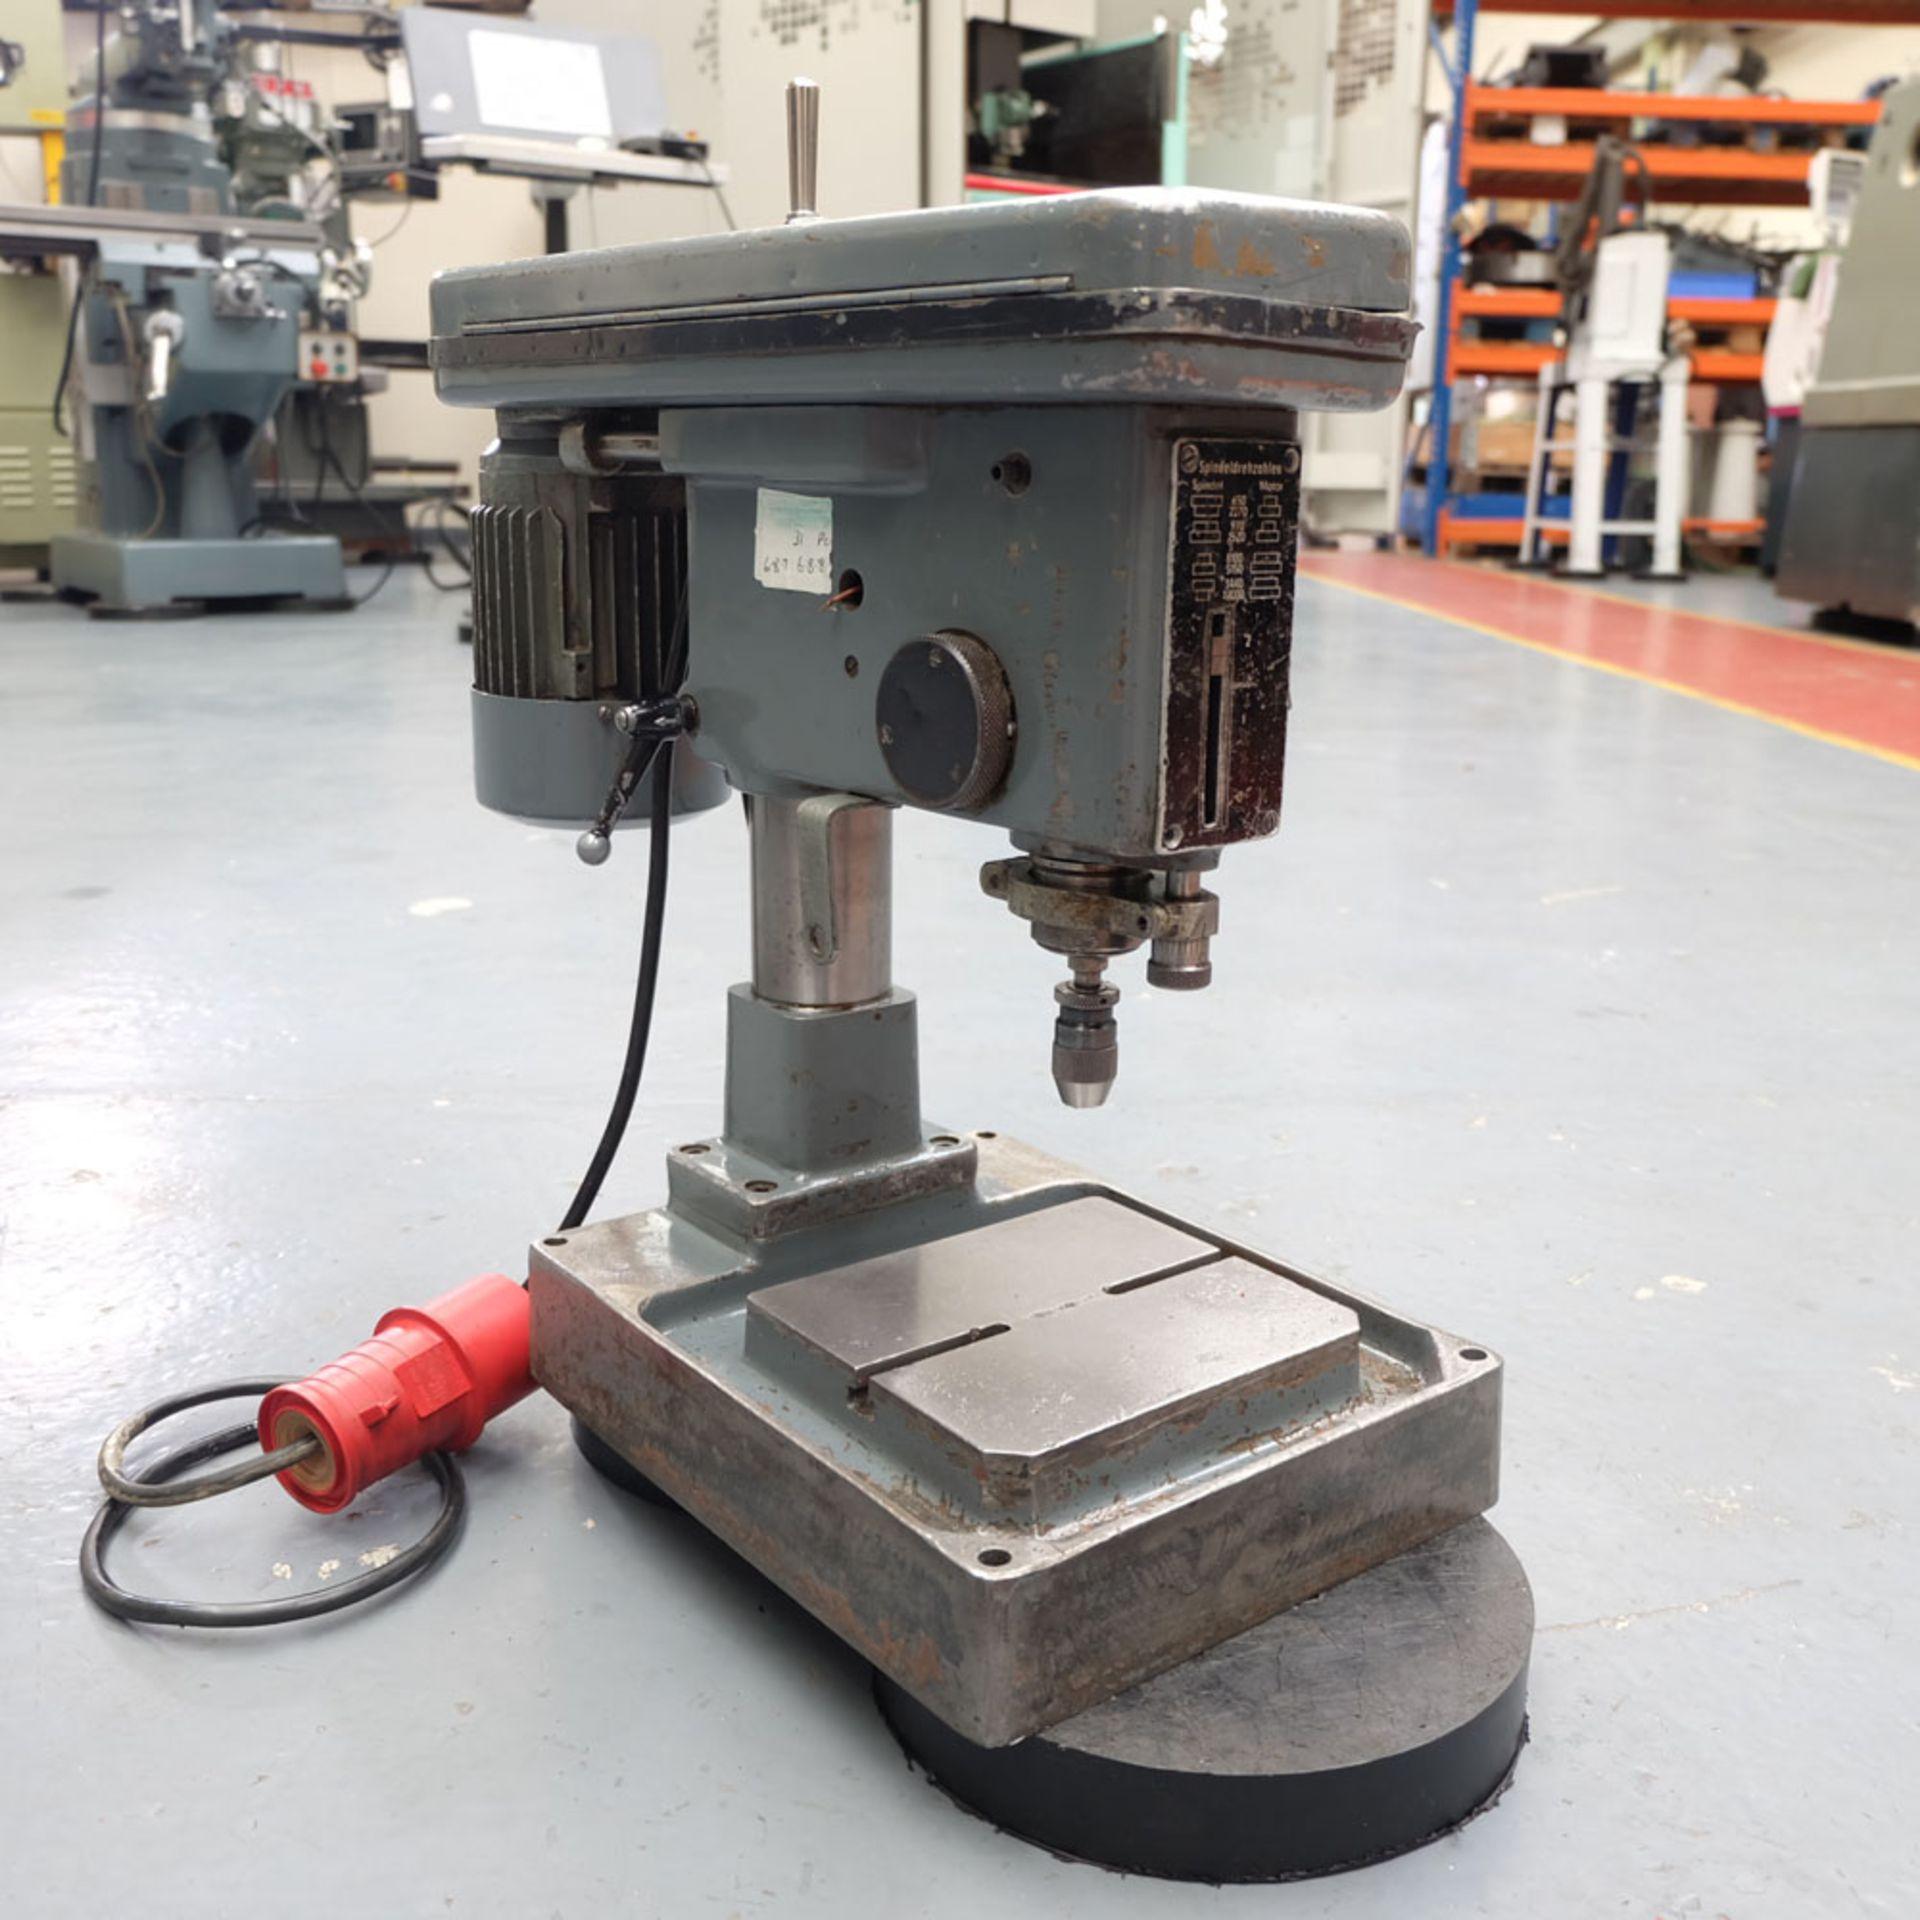 """Spindeldrehzahlen High Speed Bench Drill. 8 x Speeds: 650 - 12,0000 rpm. Drilling Depth: 2"""". - Image 2 of 5"""